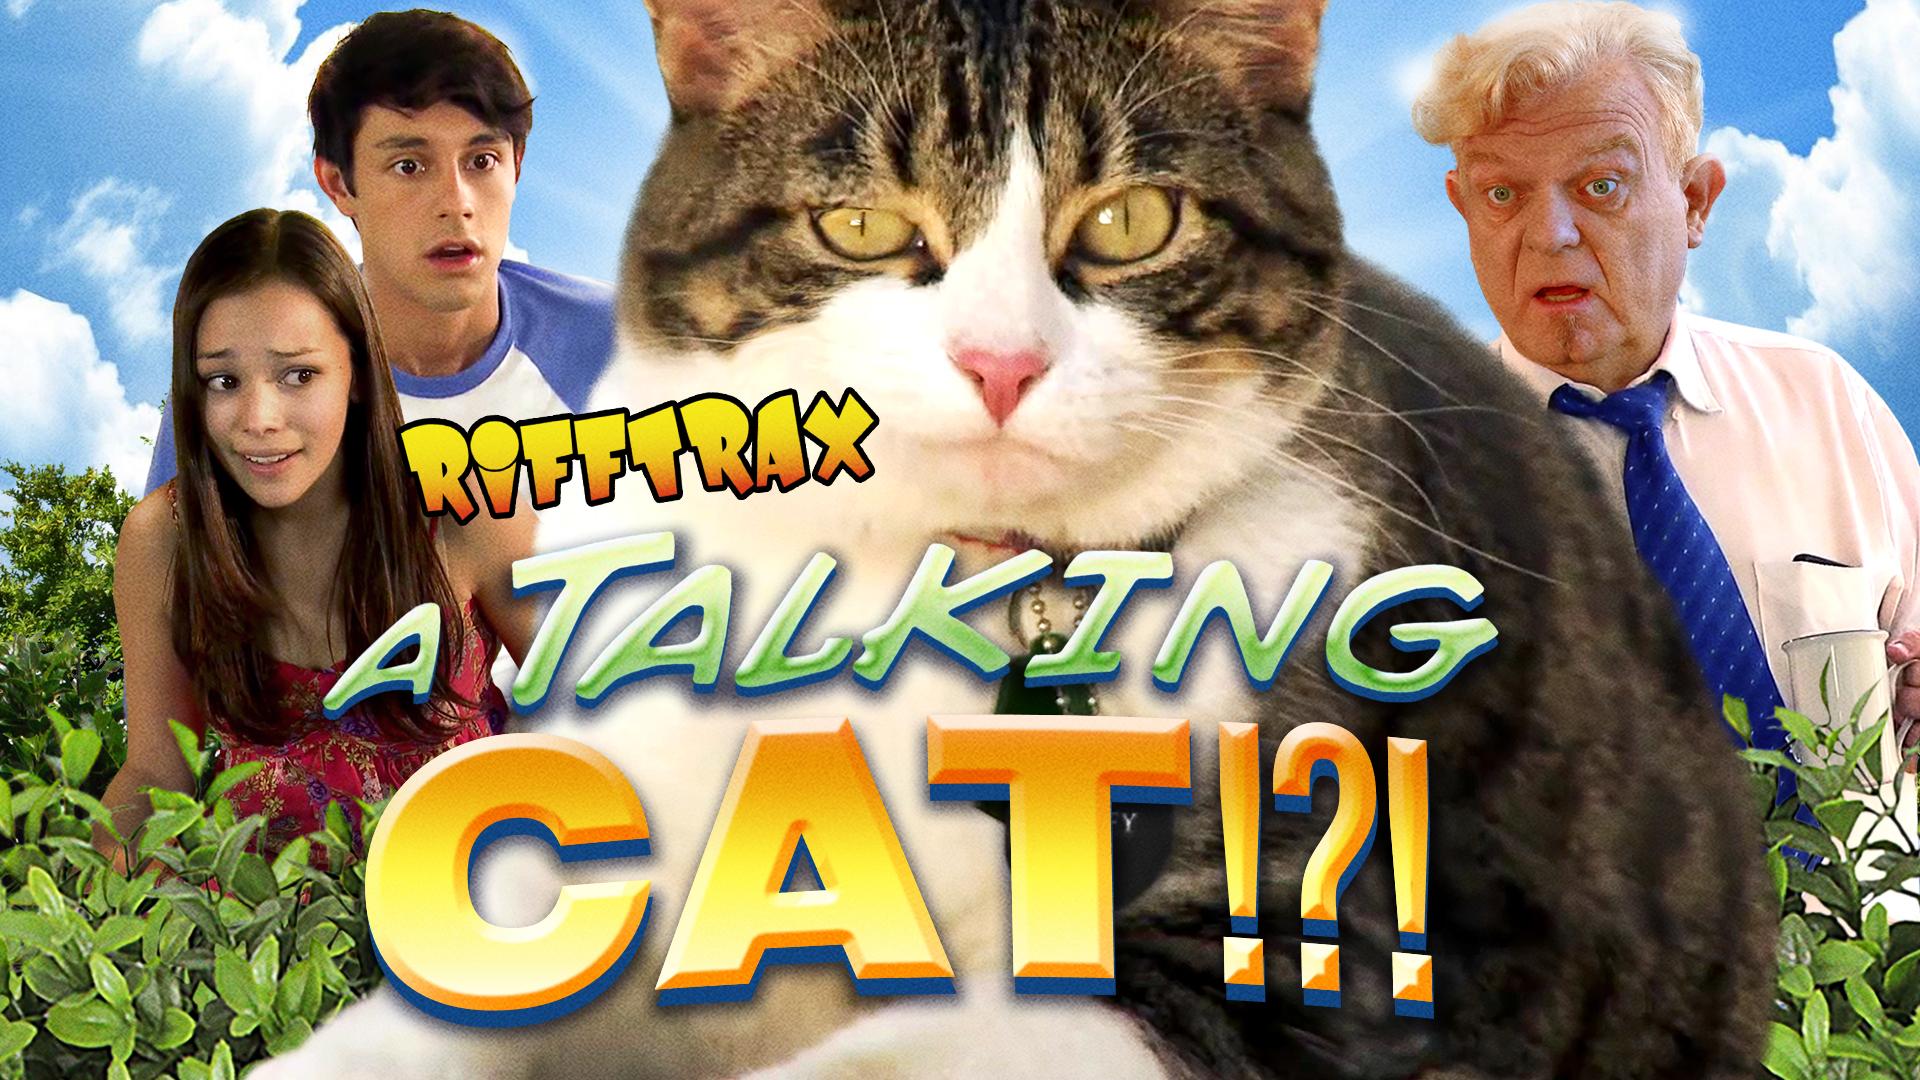 RiffTrax: A Talking Cat!?!